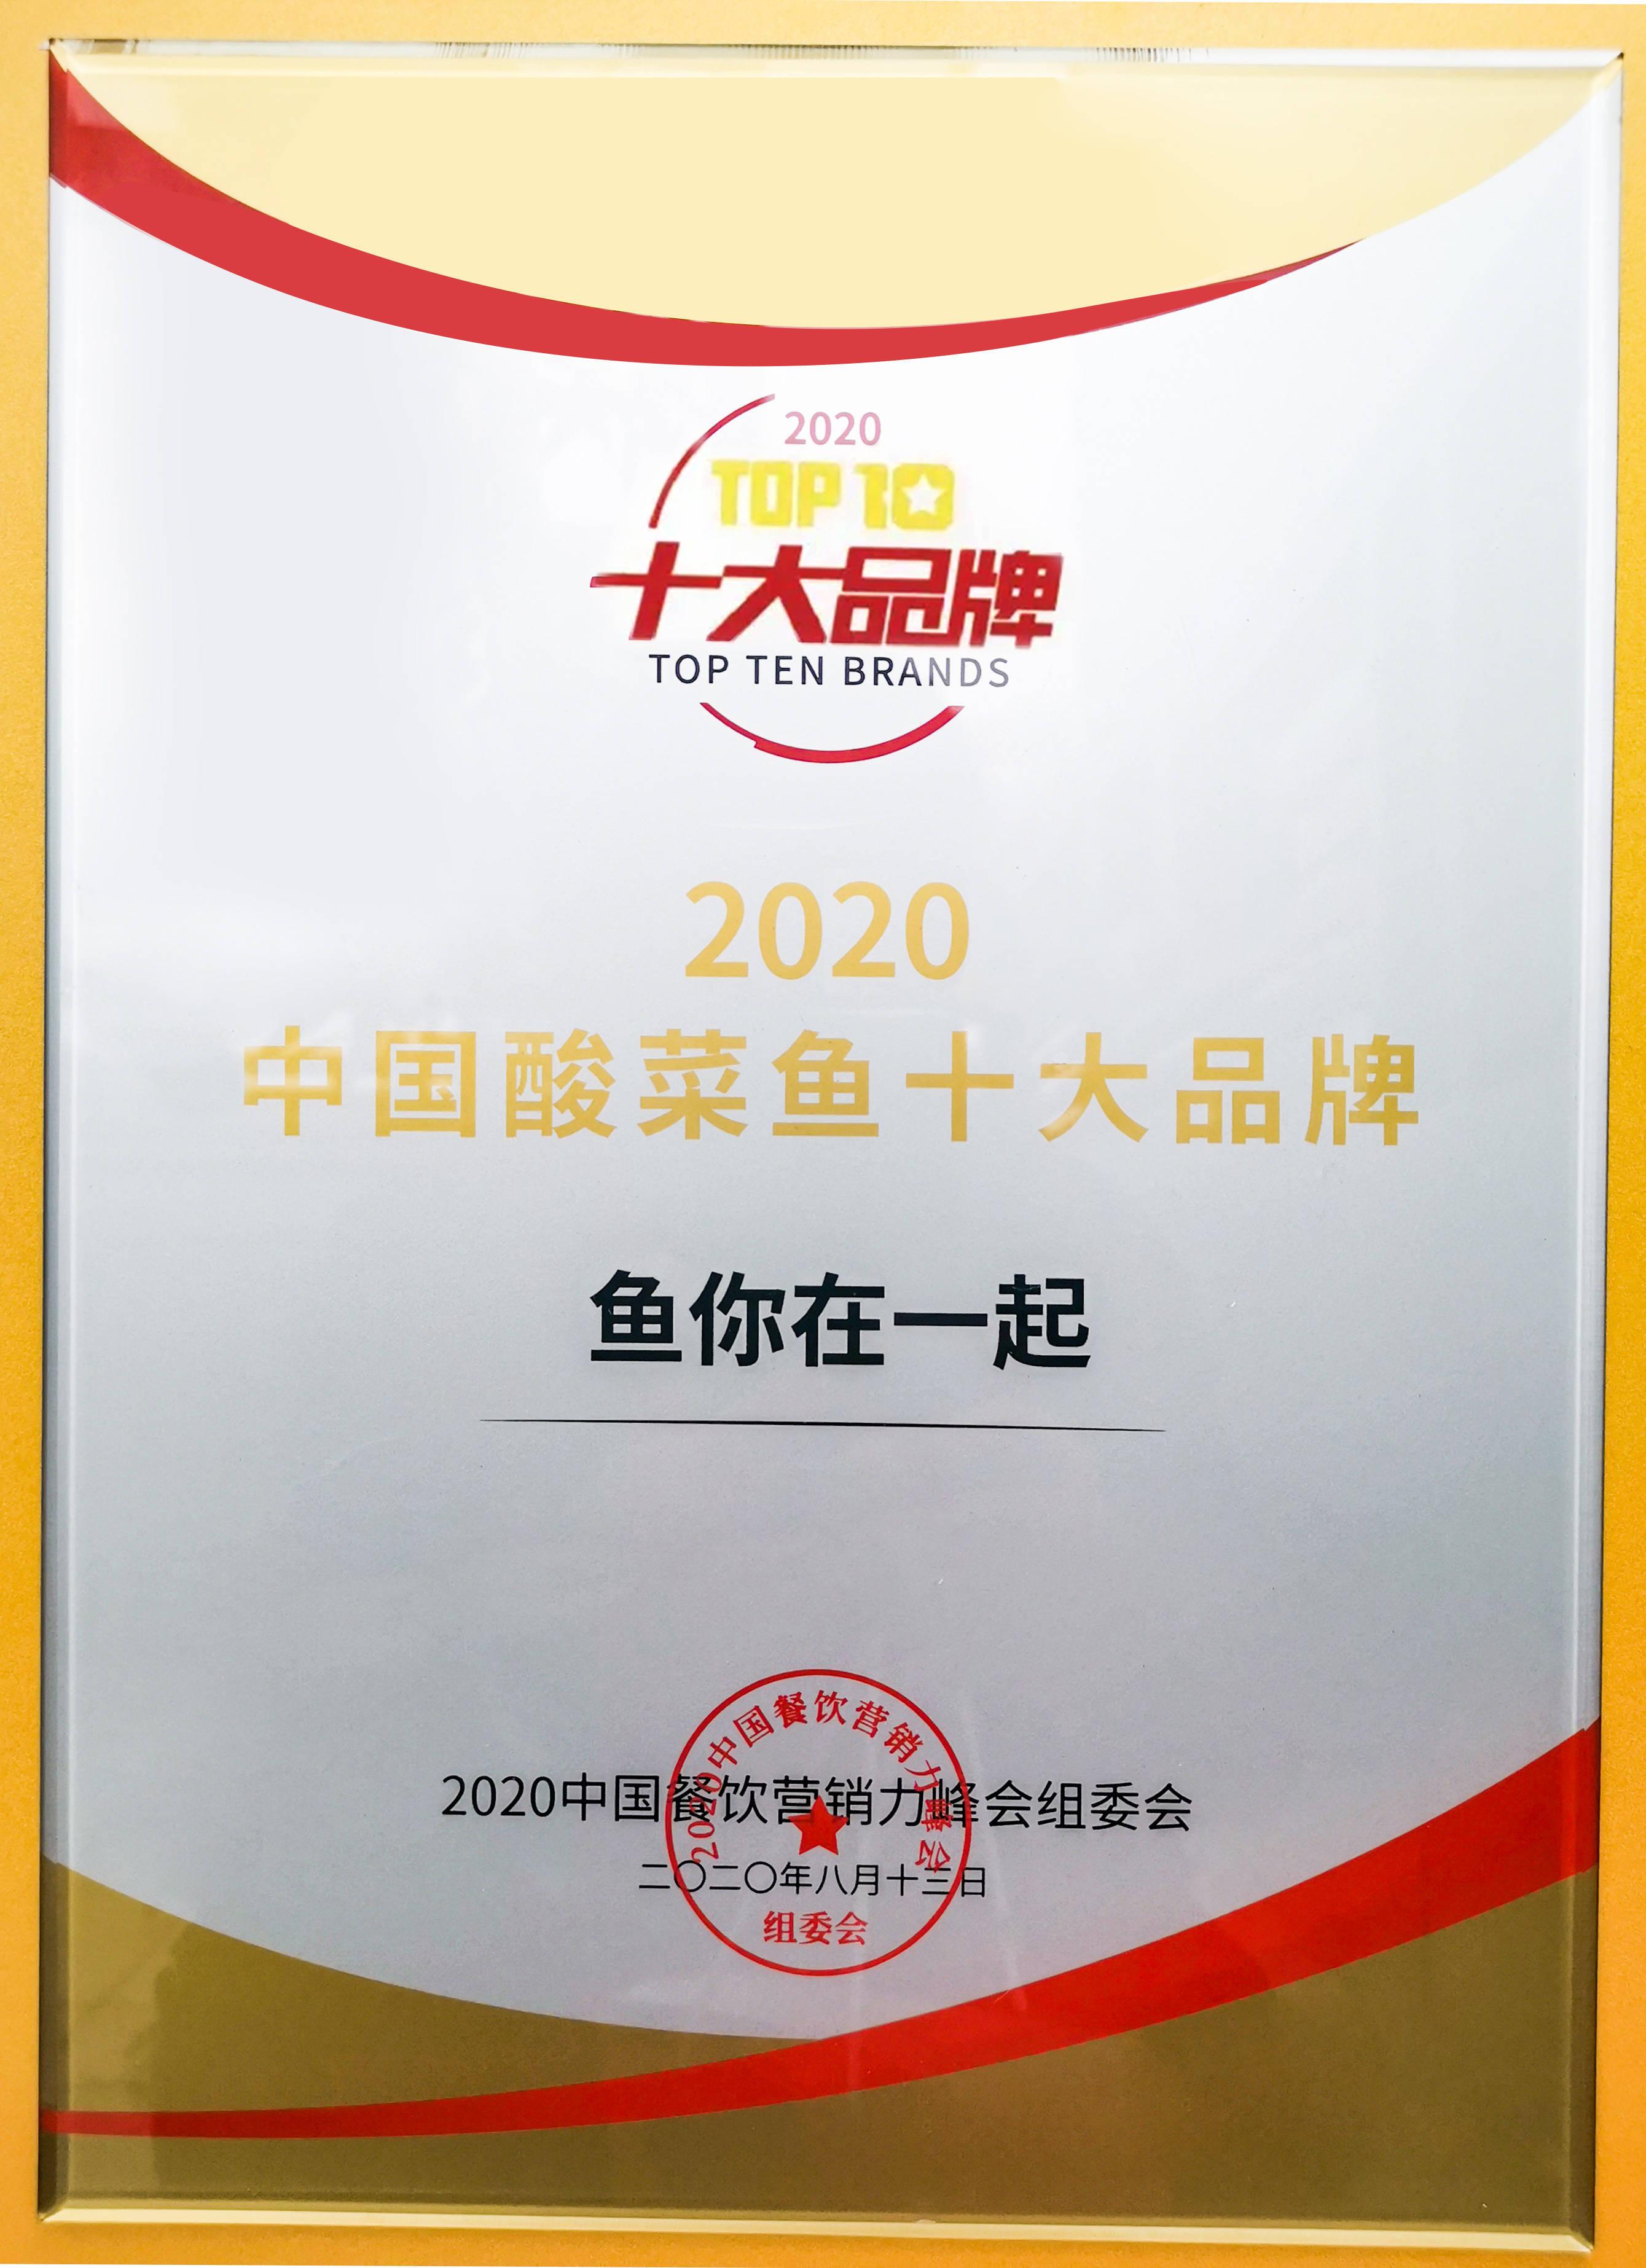 逆风破浪,鱼你在一起酸菜鱼再获2020中国酸菜鱼十大品牌